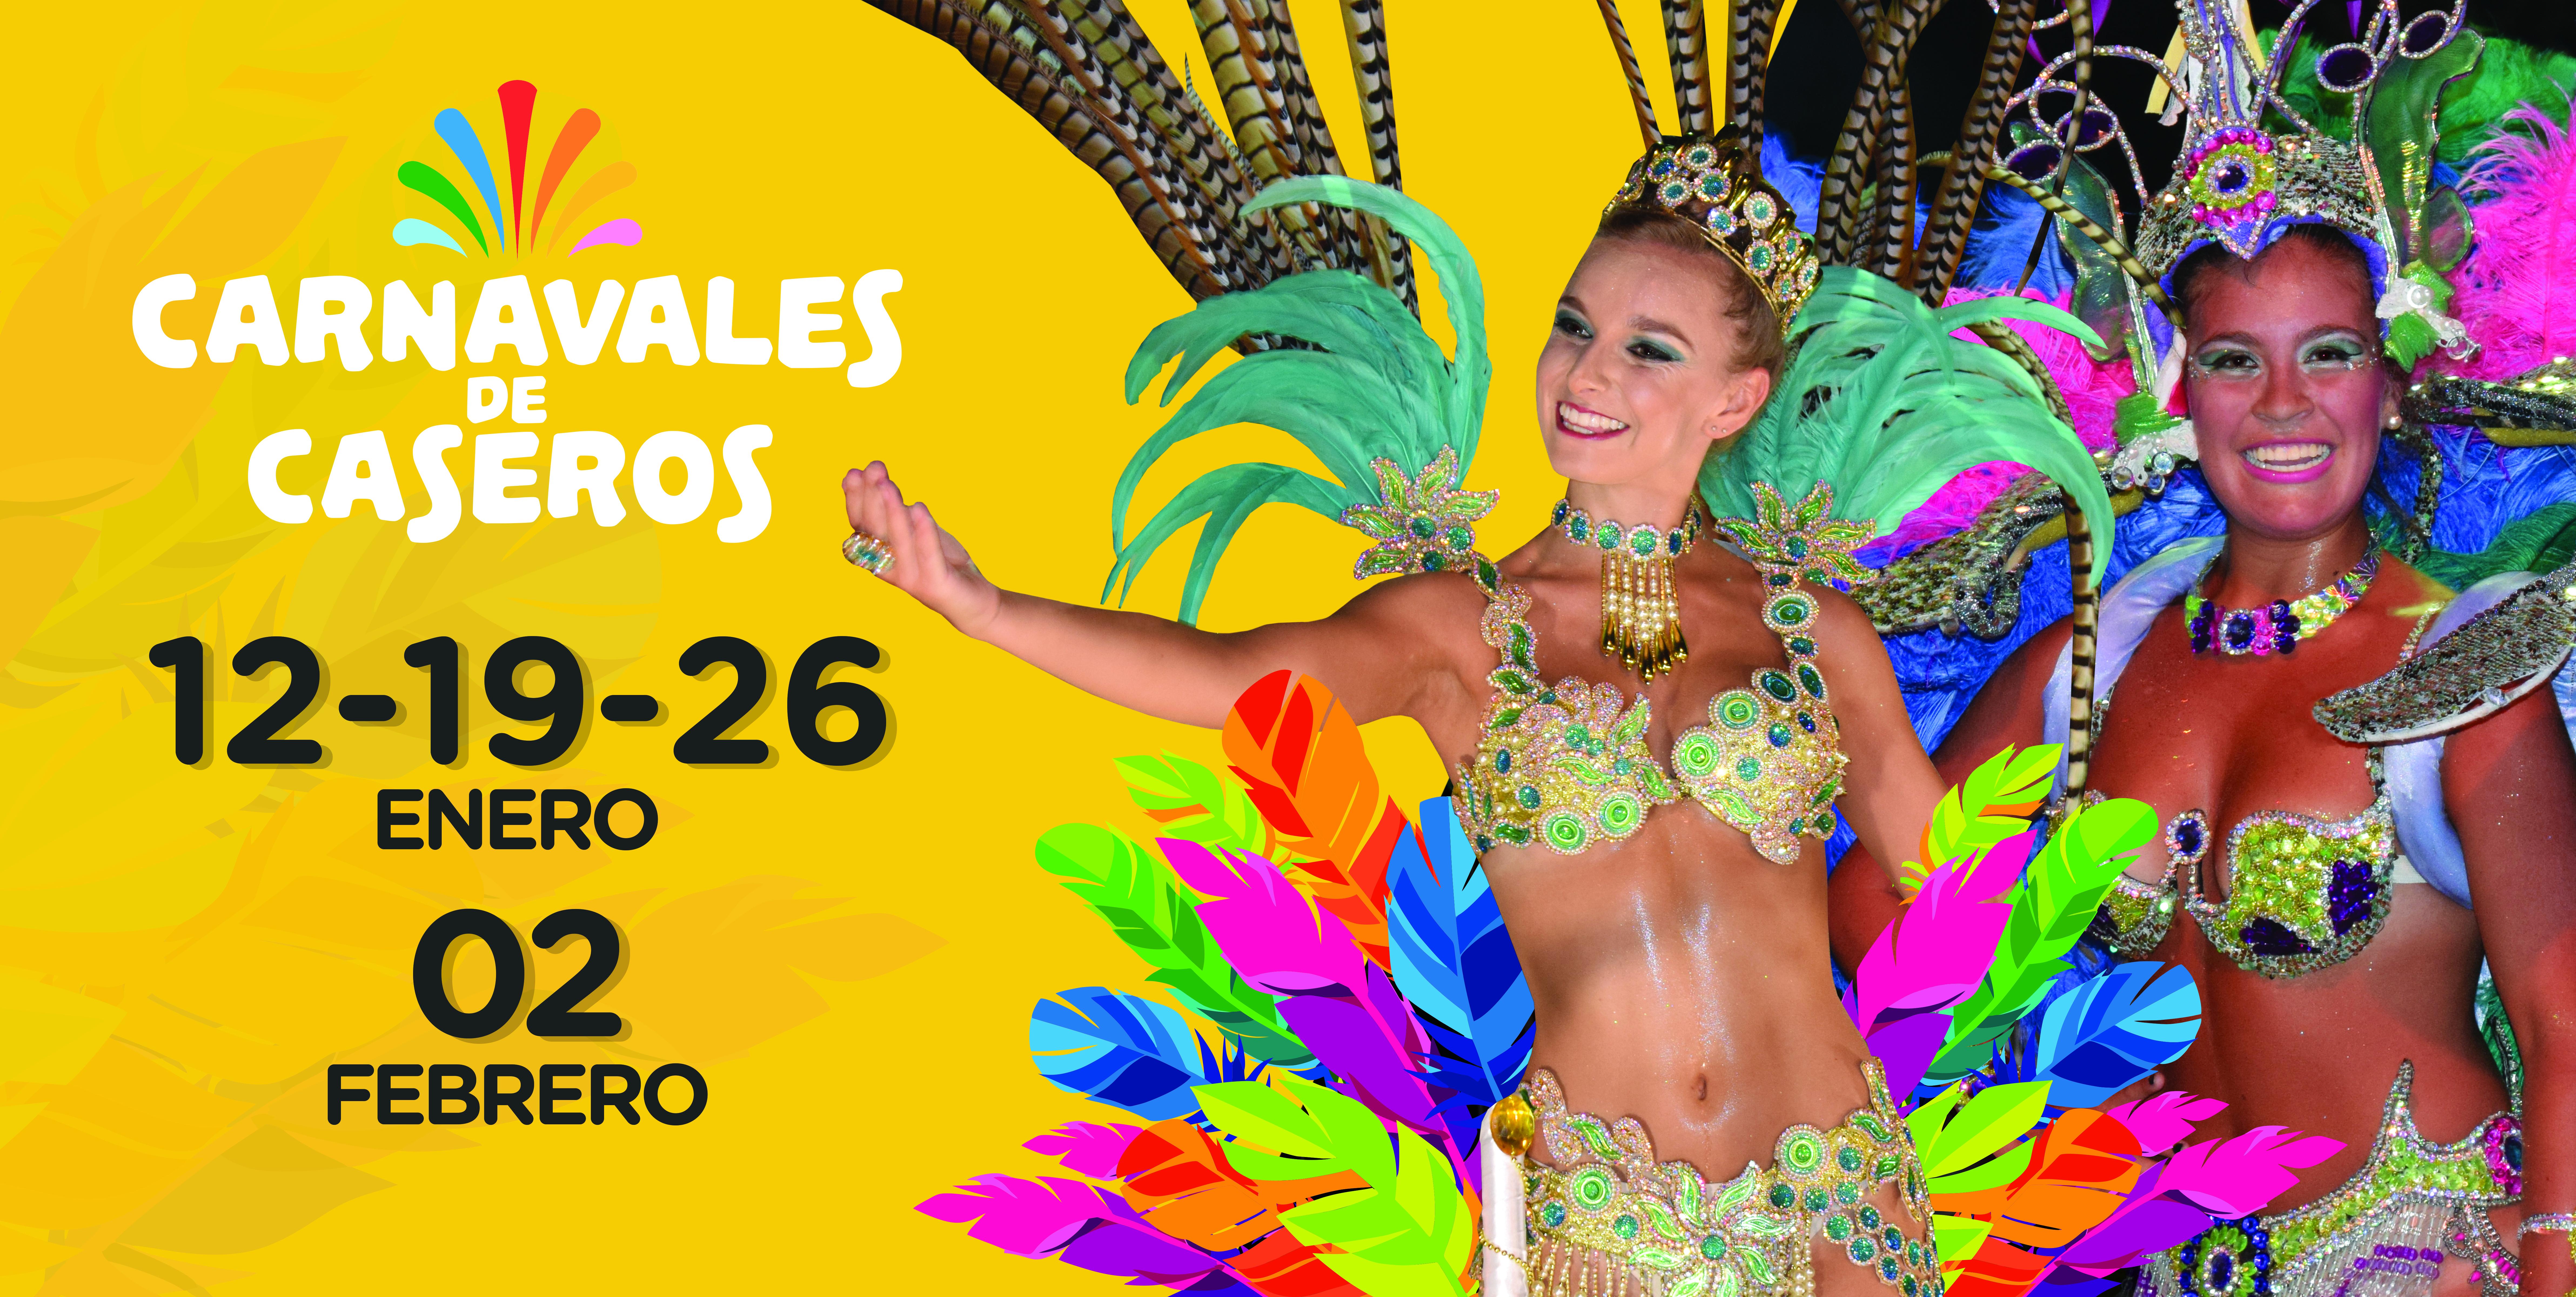 Cartel_Carnavales_Caseros_N.jpg